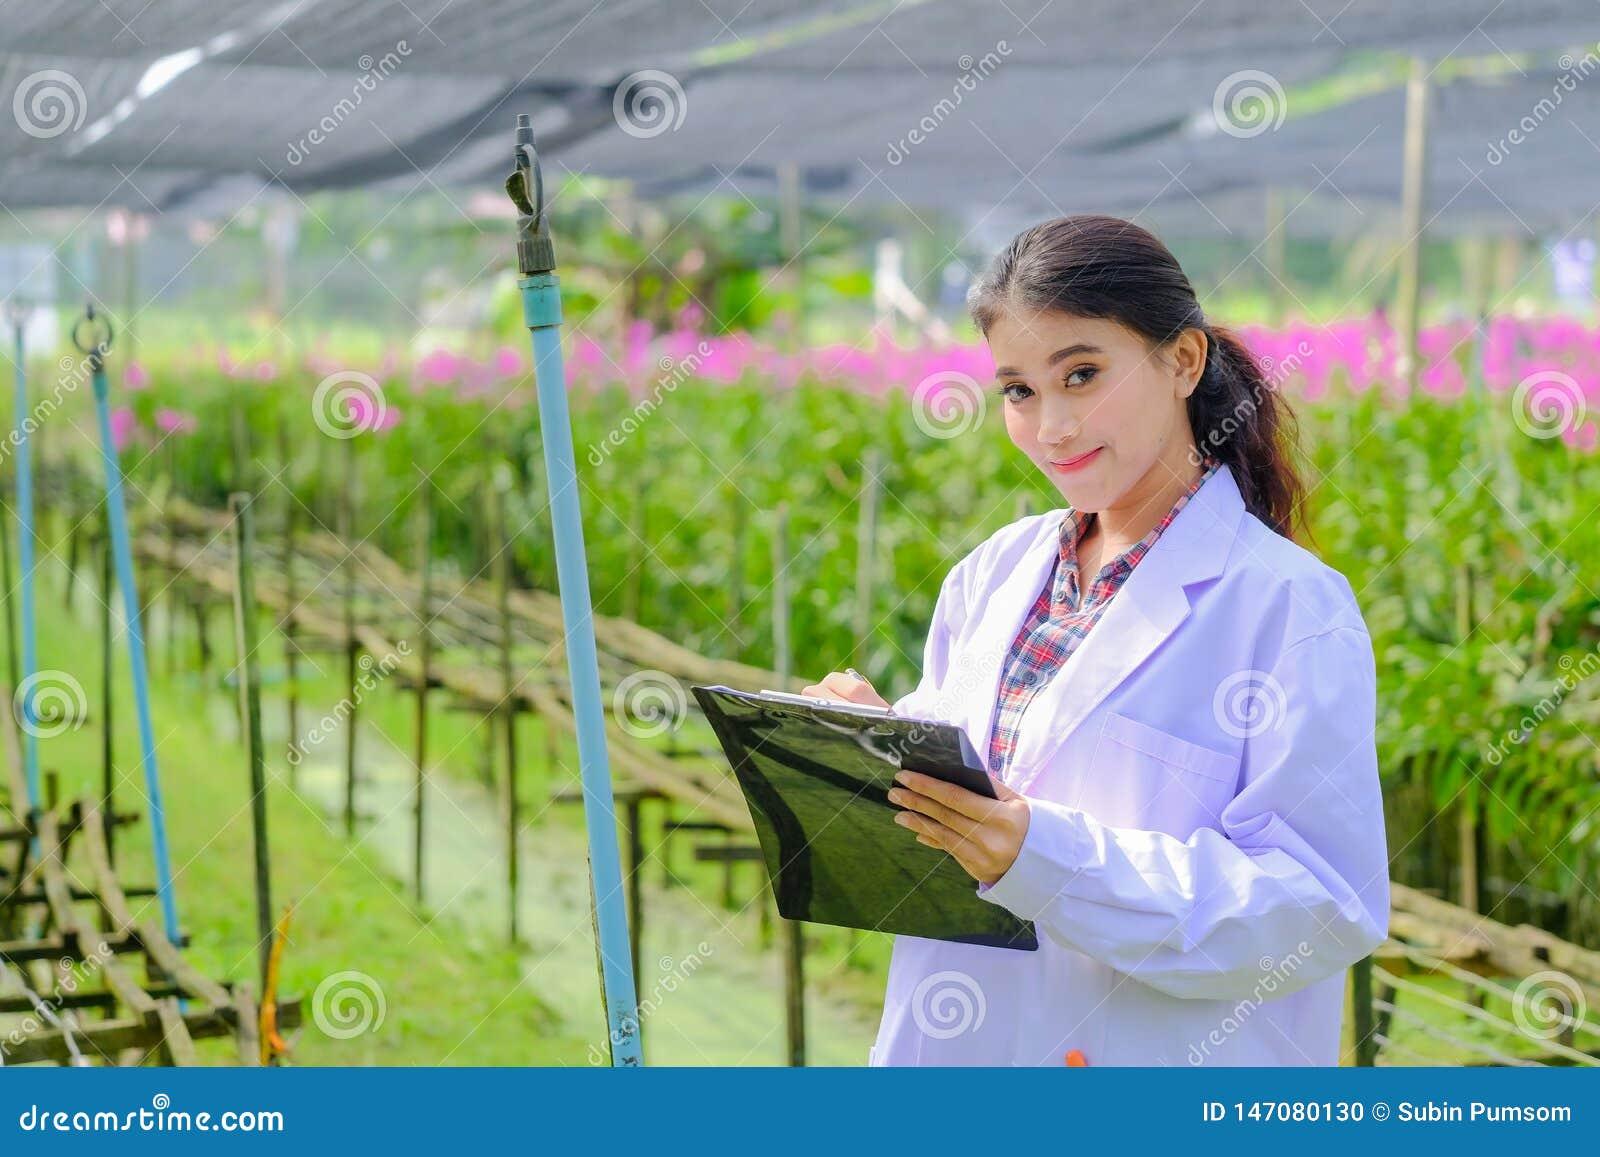 Asiatisk kvinna, forskare i den vita klänningen och att undersöka orkidéträdgården för forskningutveckling av ny orkidéart